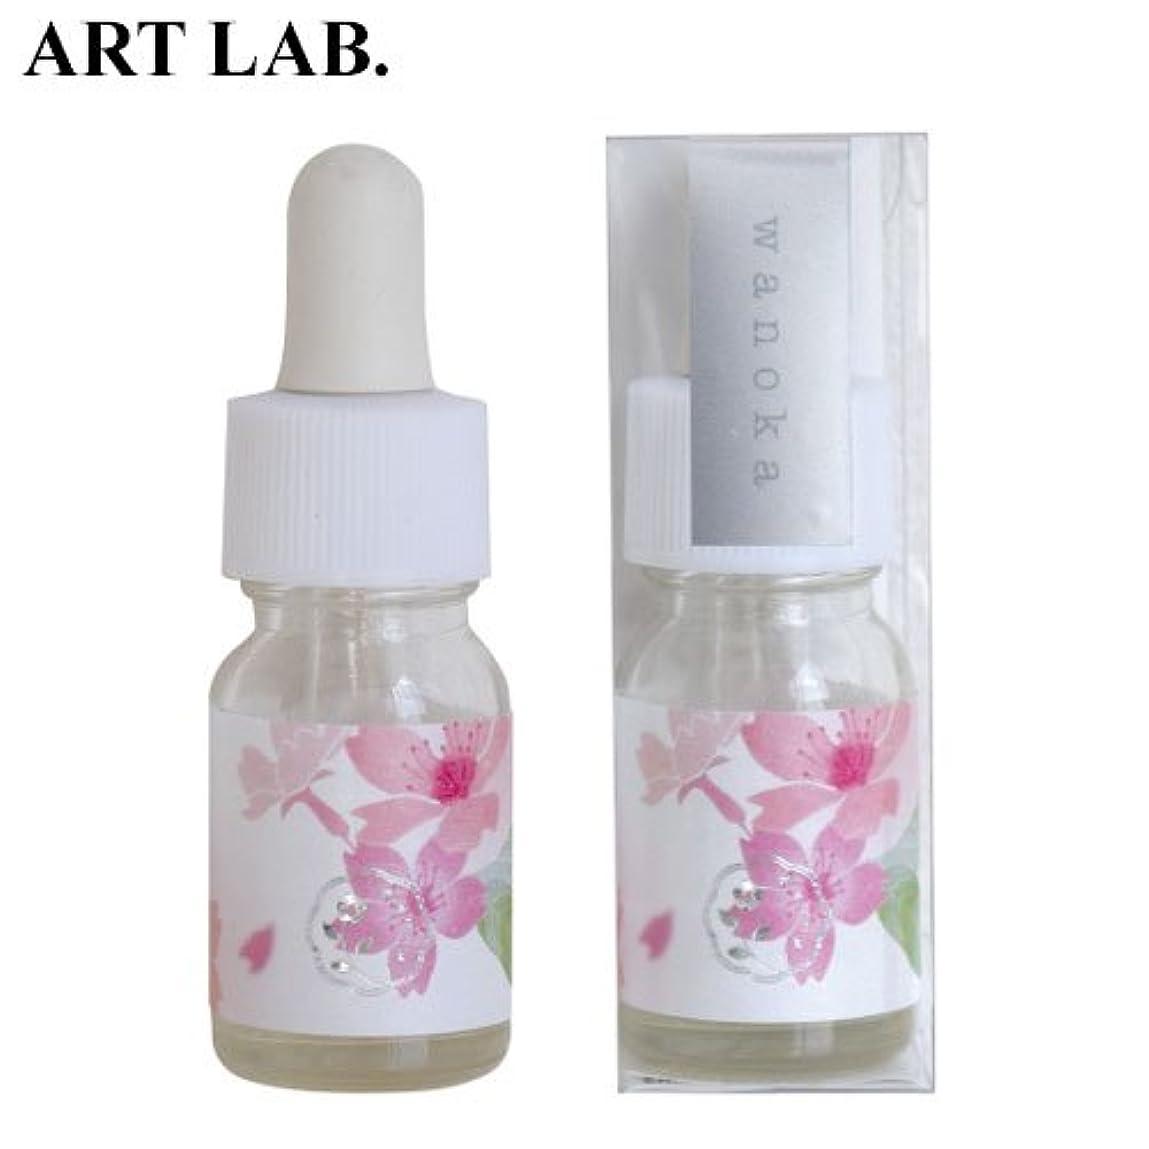 はちみつスキャンもっとwanoka香油アロマオイル桜《桜をイメージした甘い香り》ART LABAromatic oil